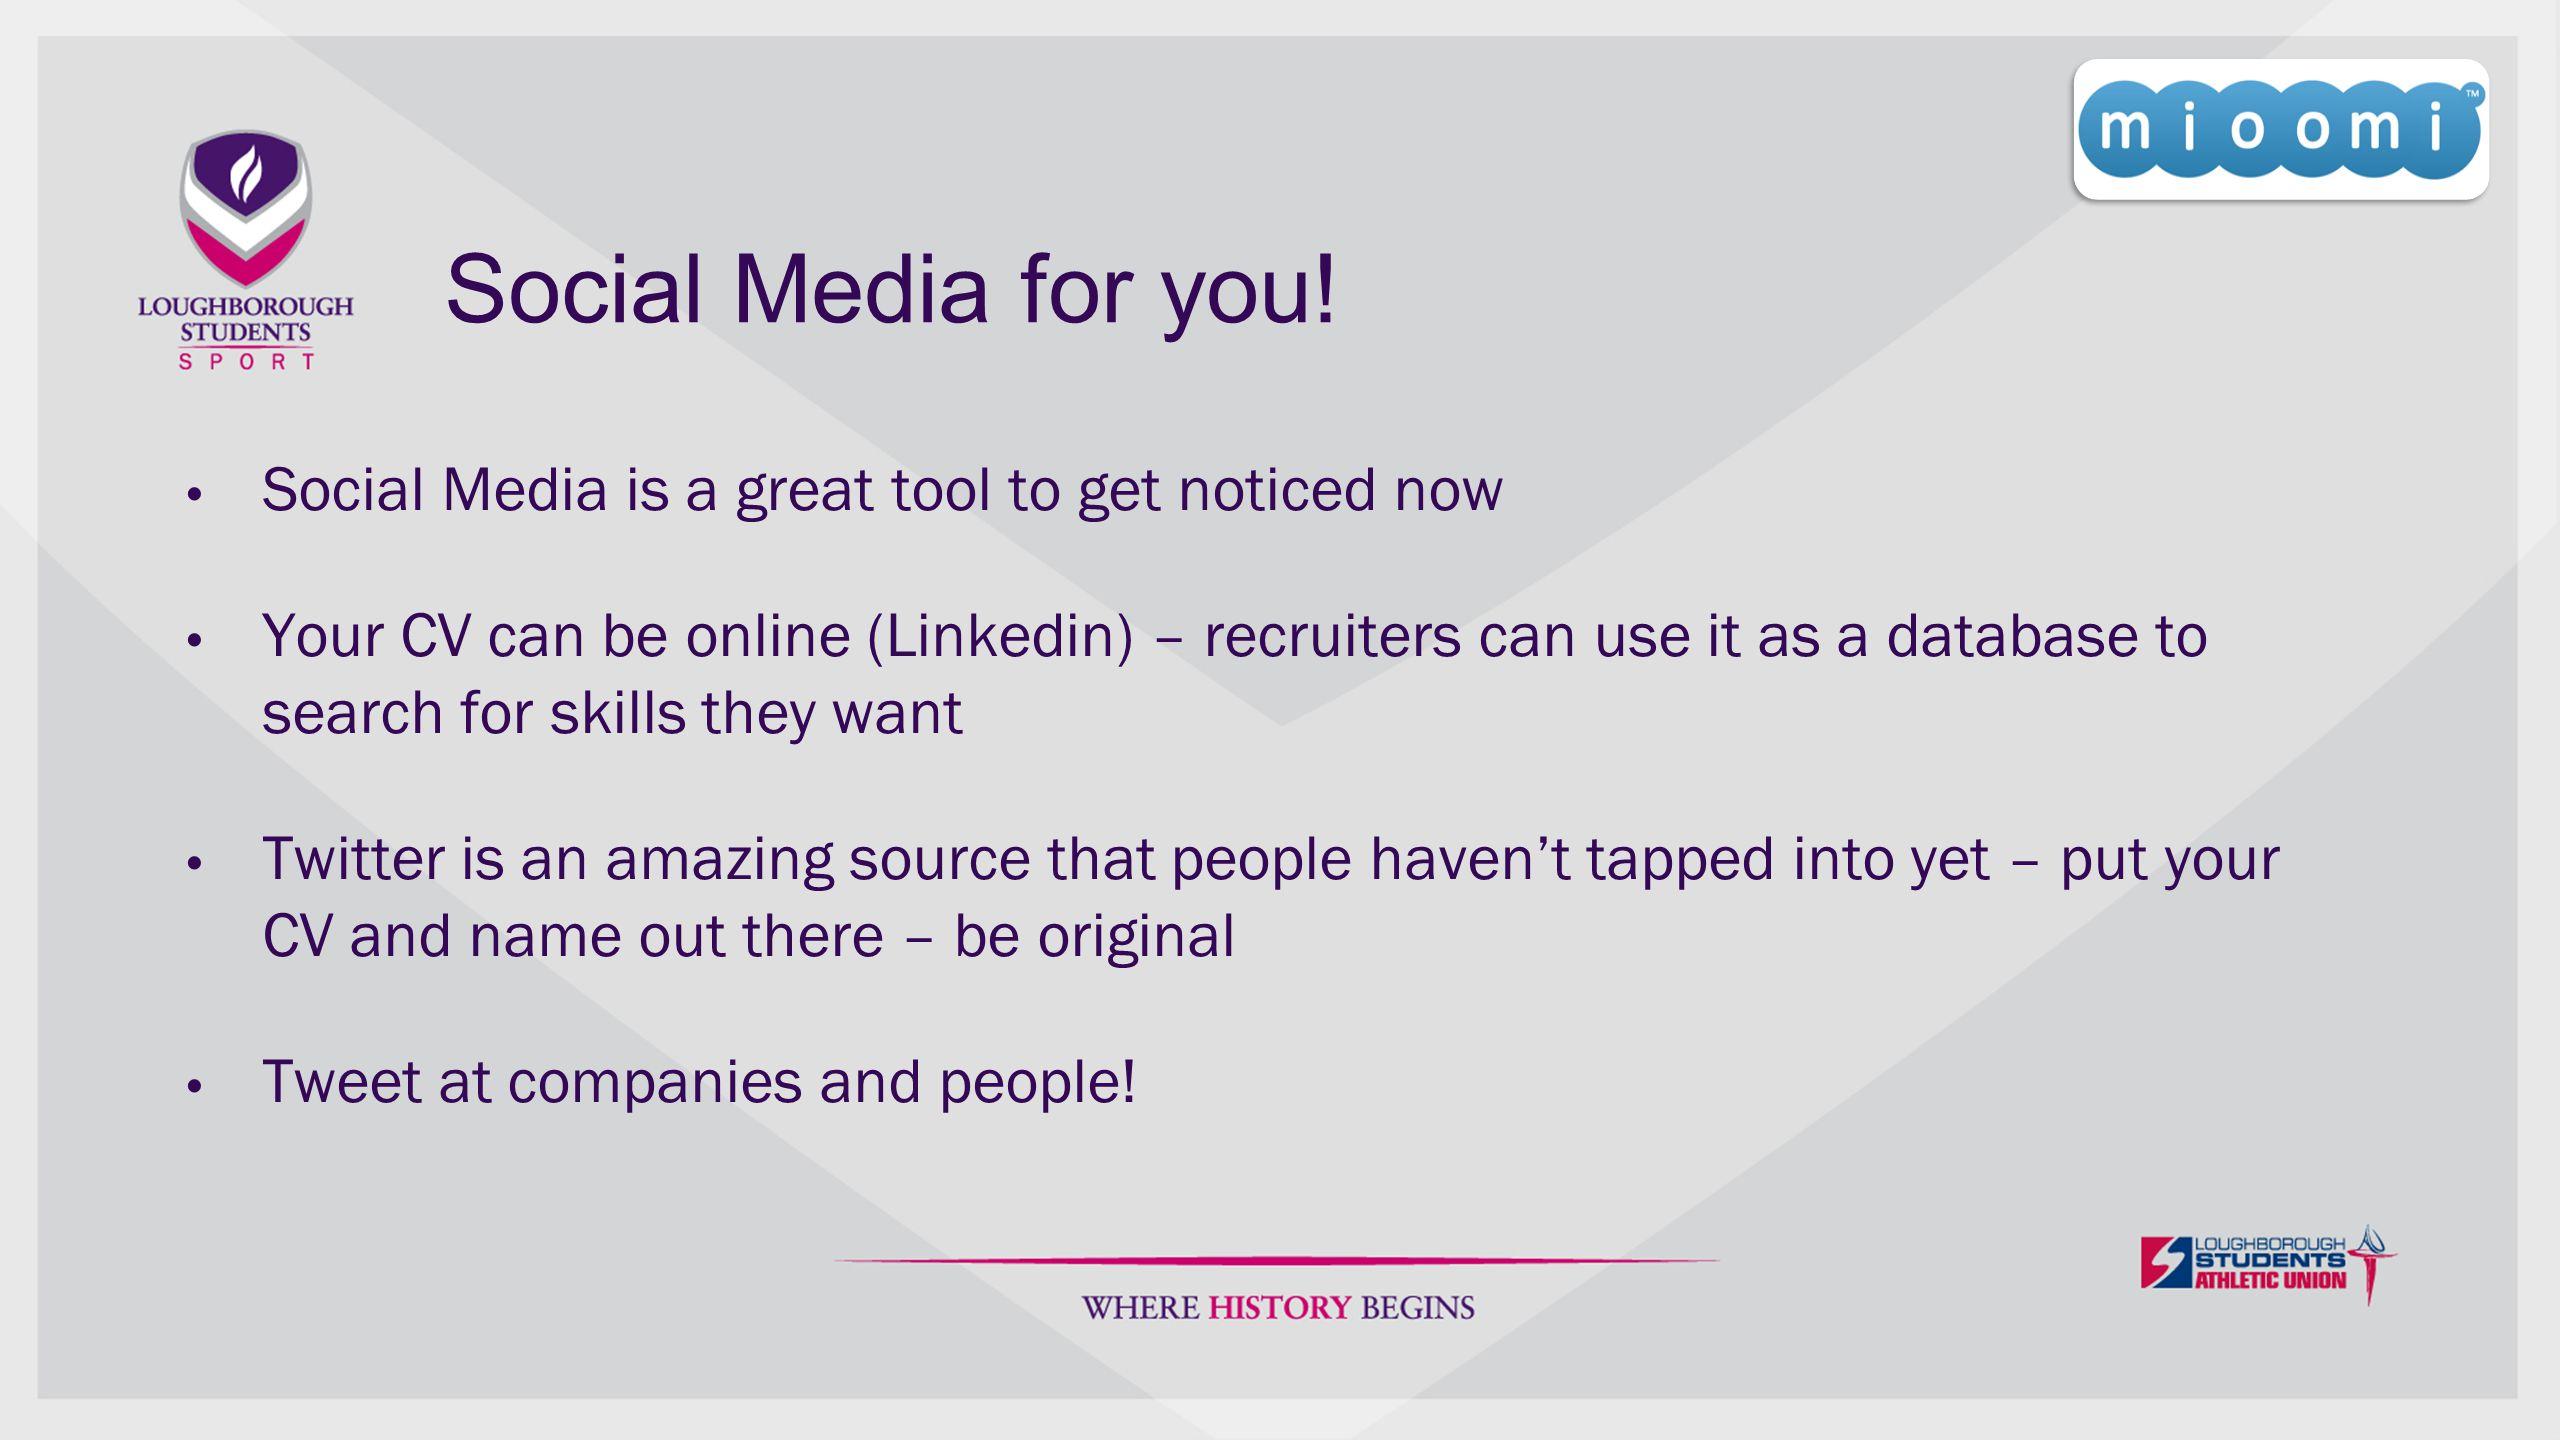 Social Media for you.